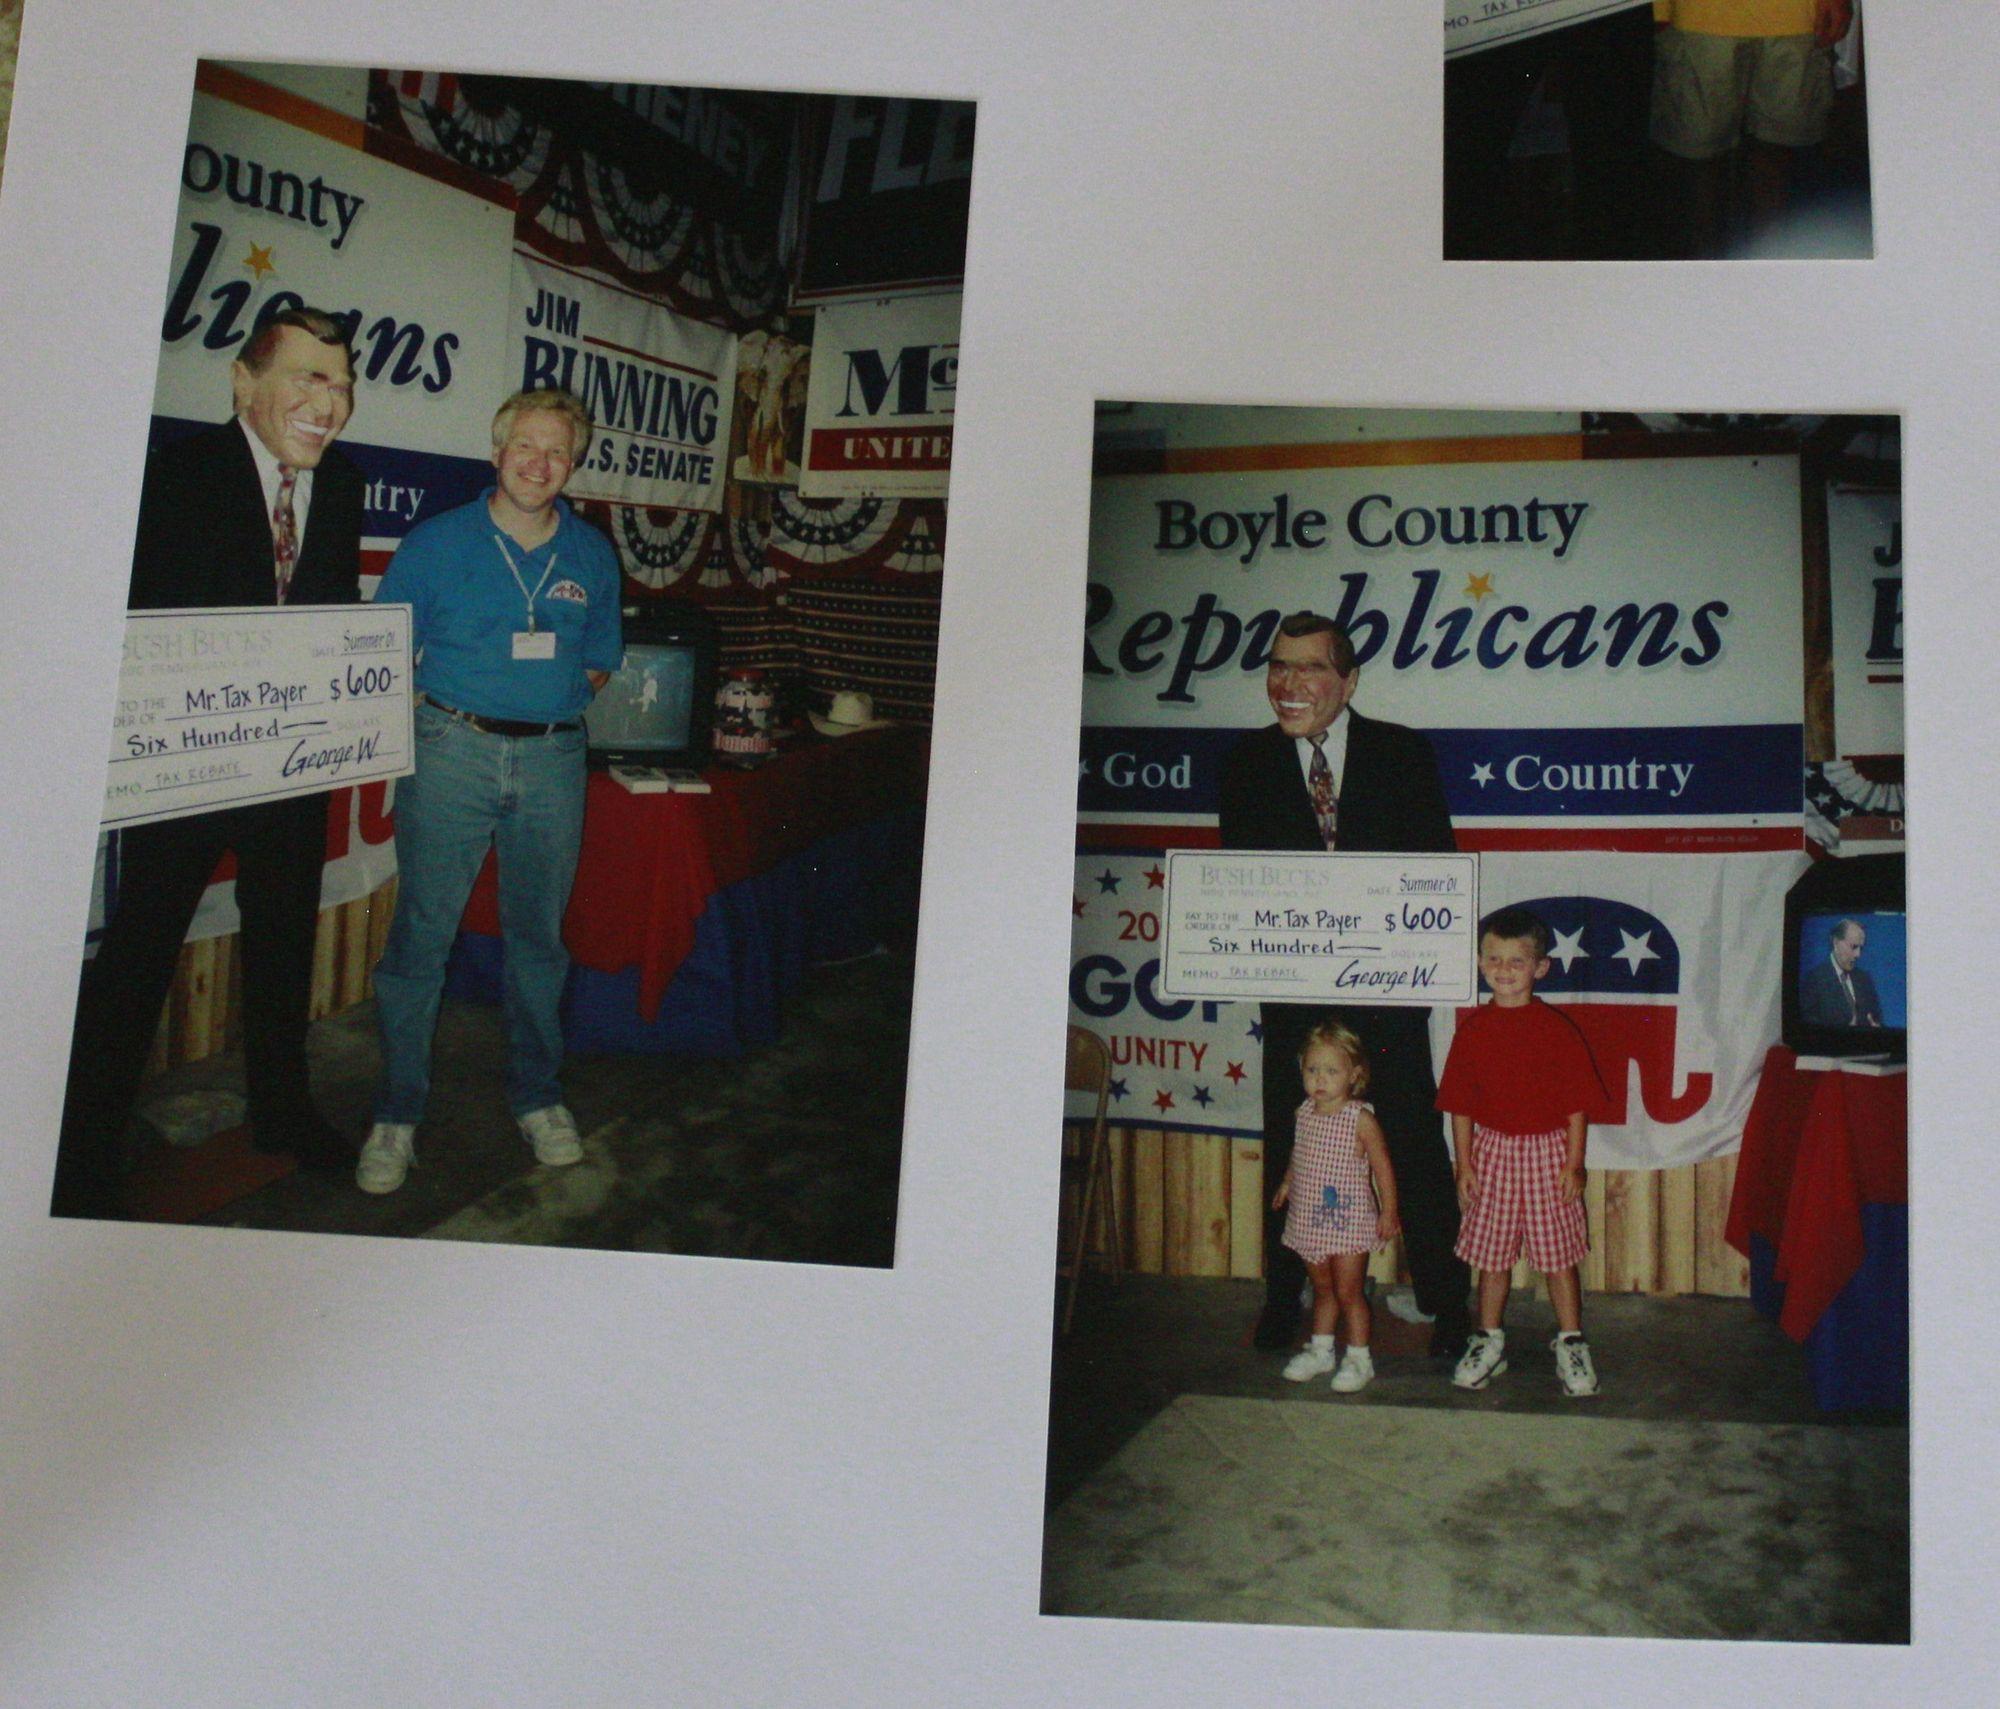 Boyle County Fair GOP